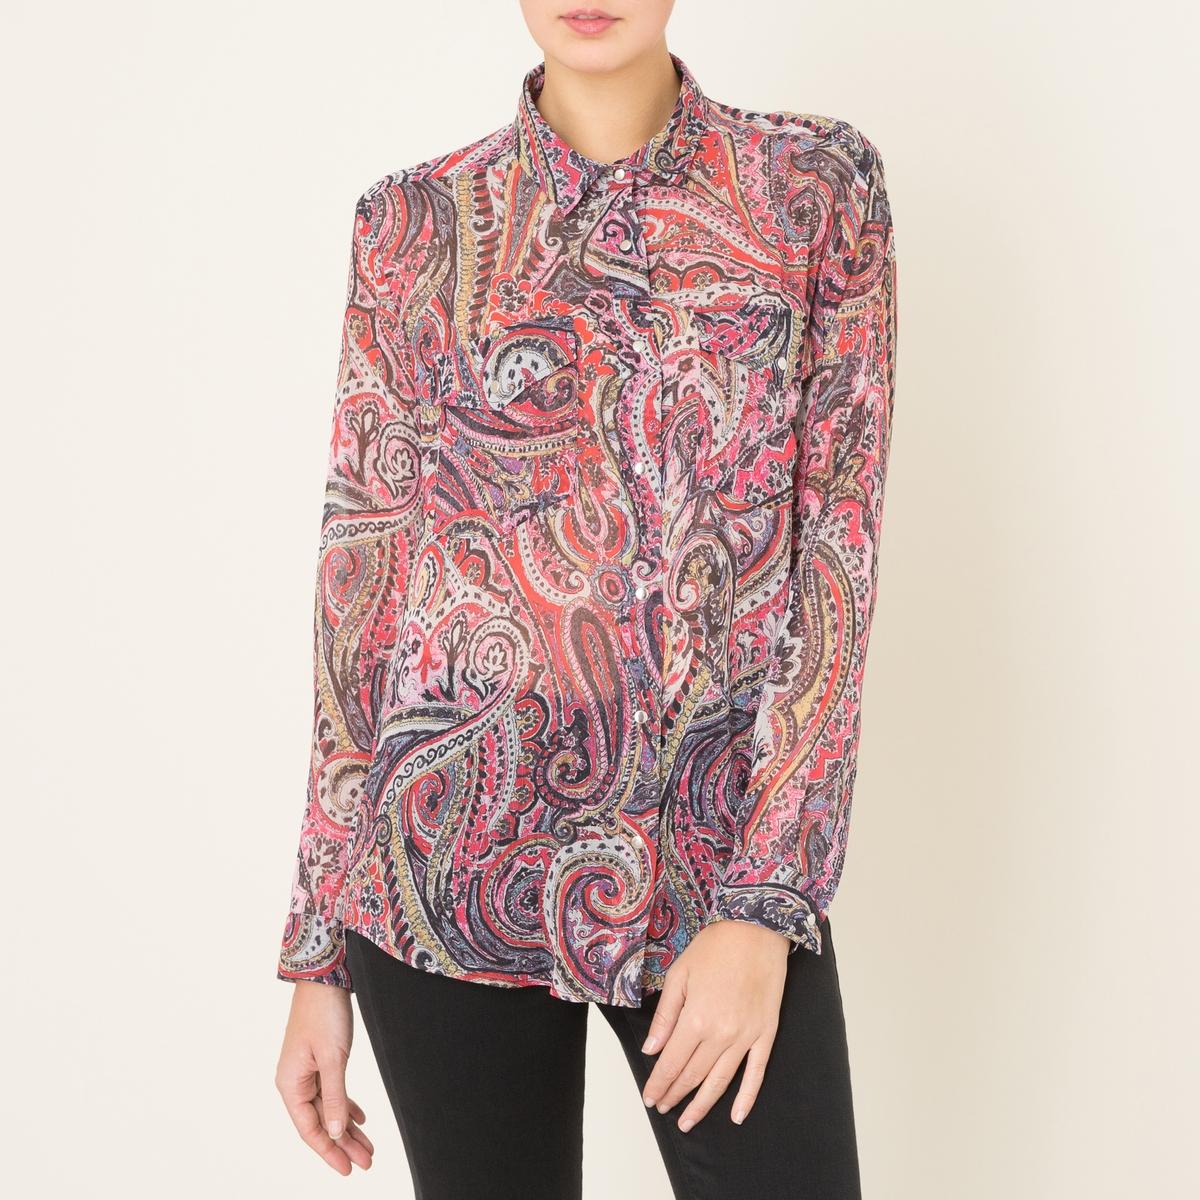 Рубашка с рисункомРубашка THE KOOPLES - из вуали с принтом. Рубашечный воротник со свободными уголками   . Застежка на кнопки, манжеты на кнопках. 2 нагрудных кармана с клапанами на кнопках . длинные рукава. Закругленный низ. Состав и описание:    Материал : 100% полиэстер    Марка : THE KOOPLES<br><br>Цвет: розовый